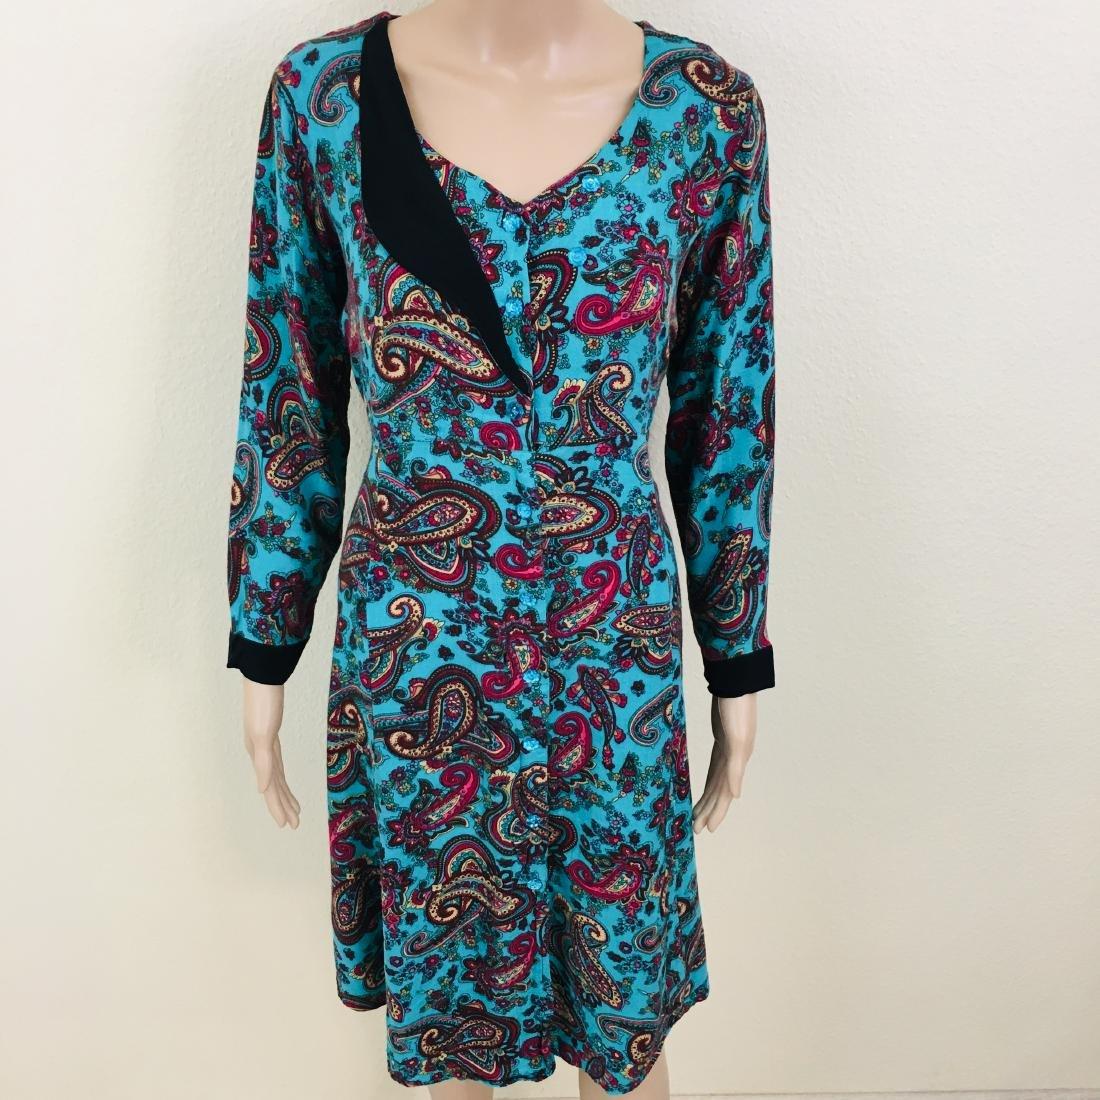 Vintage Women's Handmade Designer Dress - 3